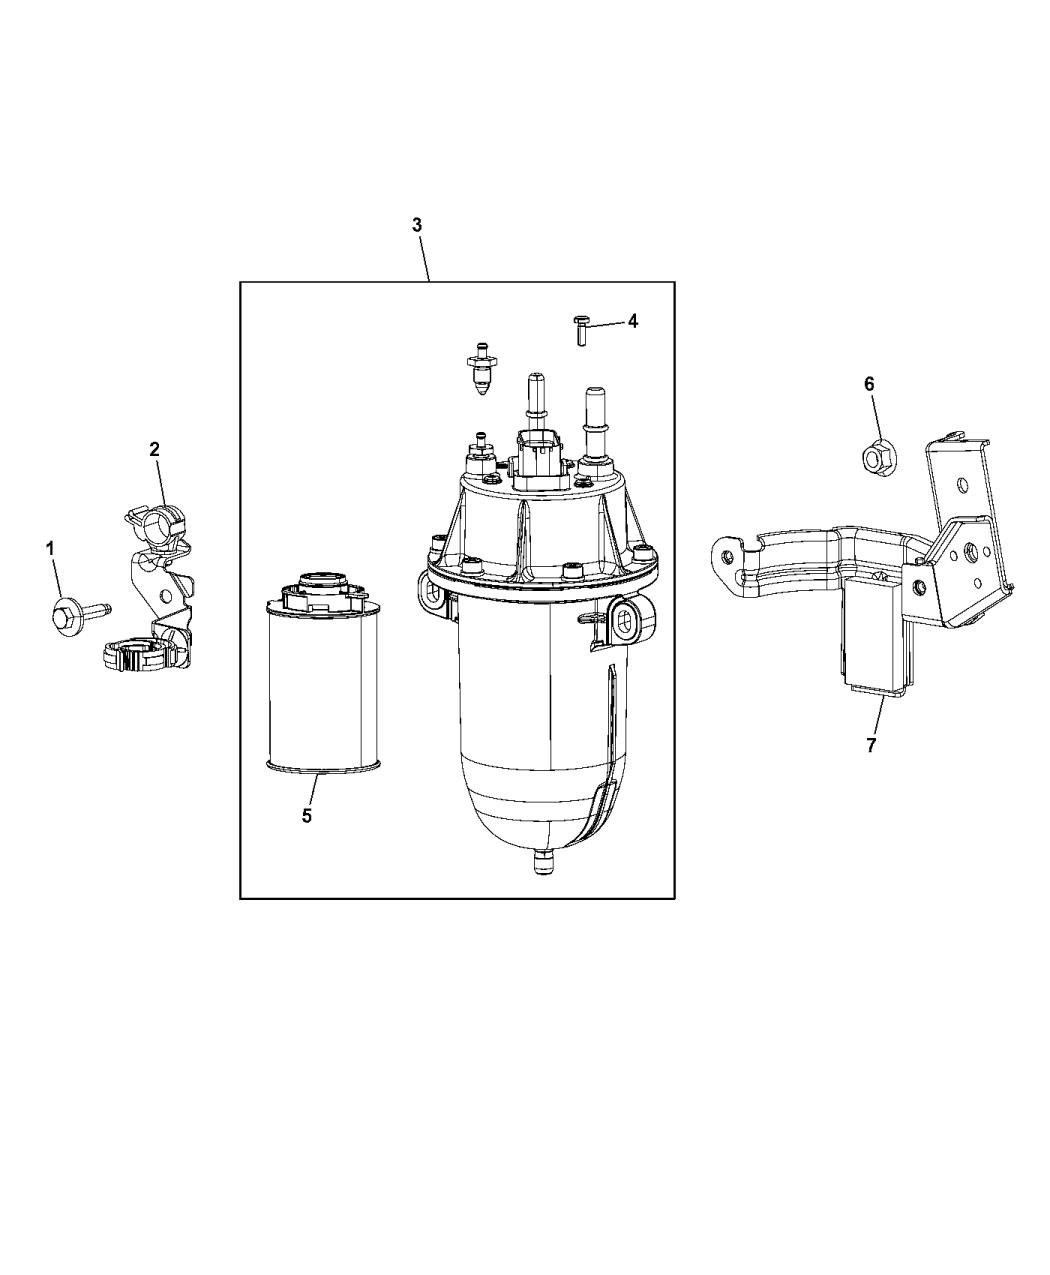 2014 Ram ProMaster 1500 Fuel Filter & Water Separator